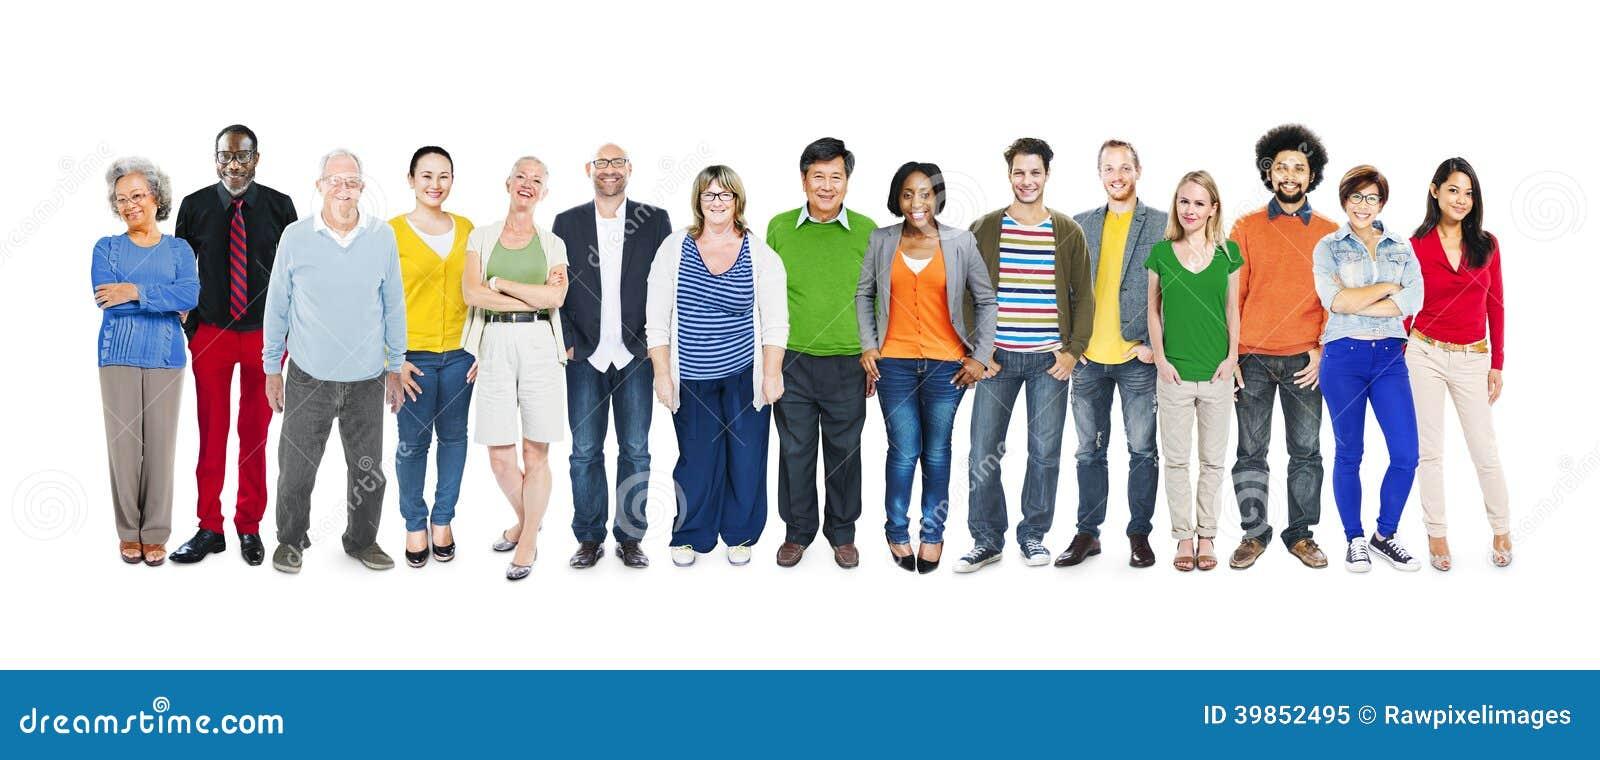 Groep Multi-etnische Diverse Kleurrijke Mensen